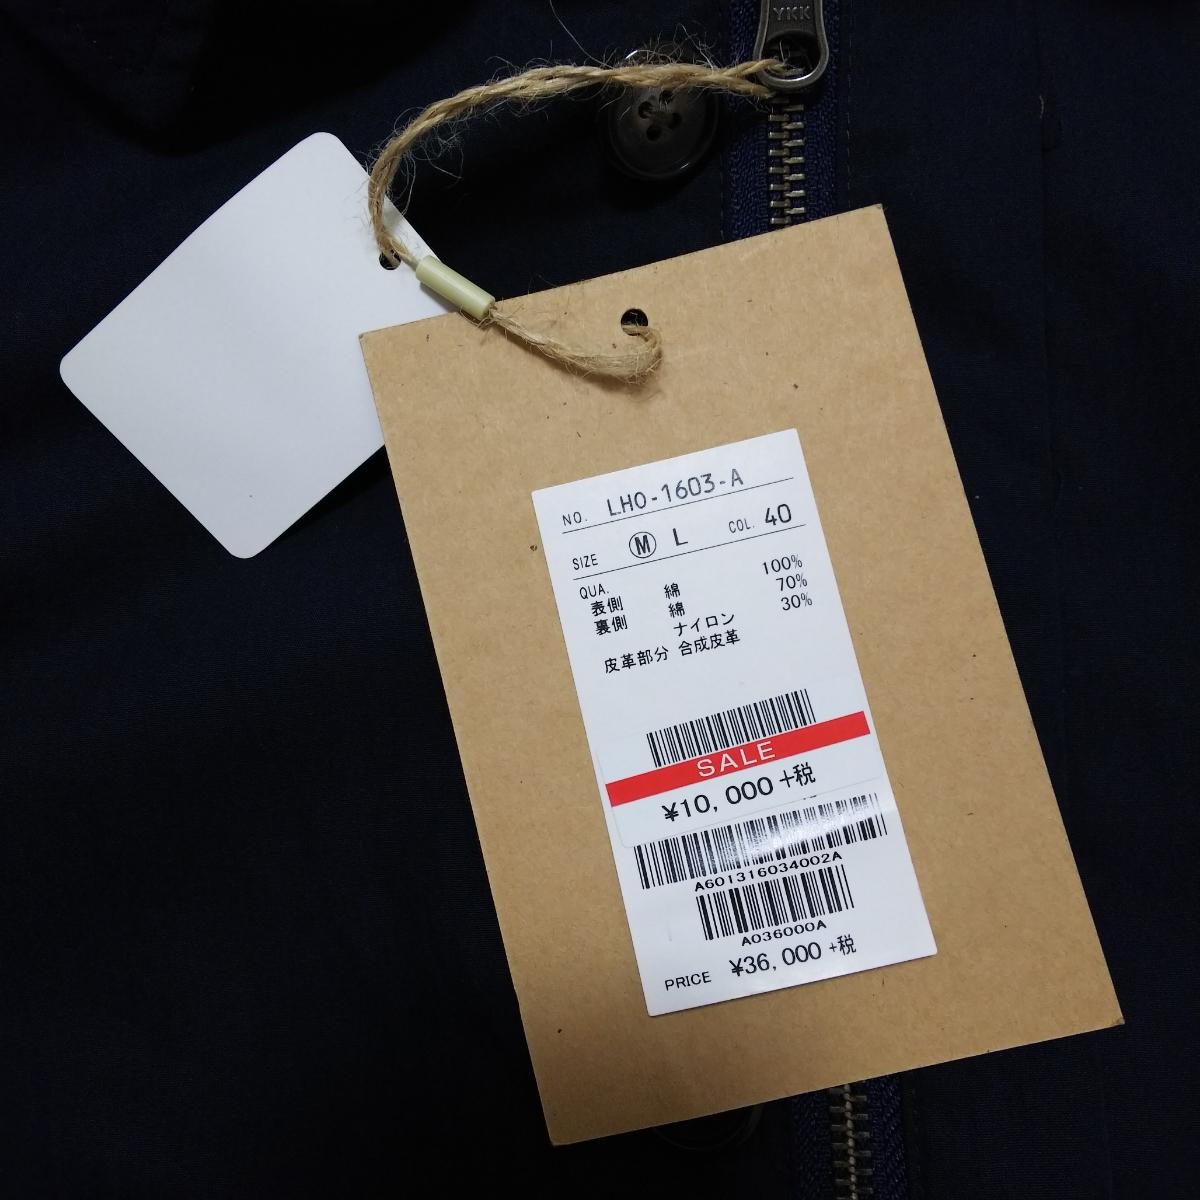 【新品タグ付き】LE JUN ル・ジュン フード付き ステンコート Mサイズ ネイビー 未使用 自宅保管品_画像4